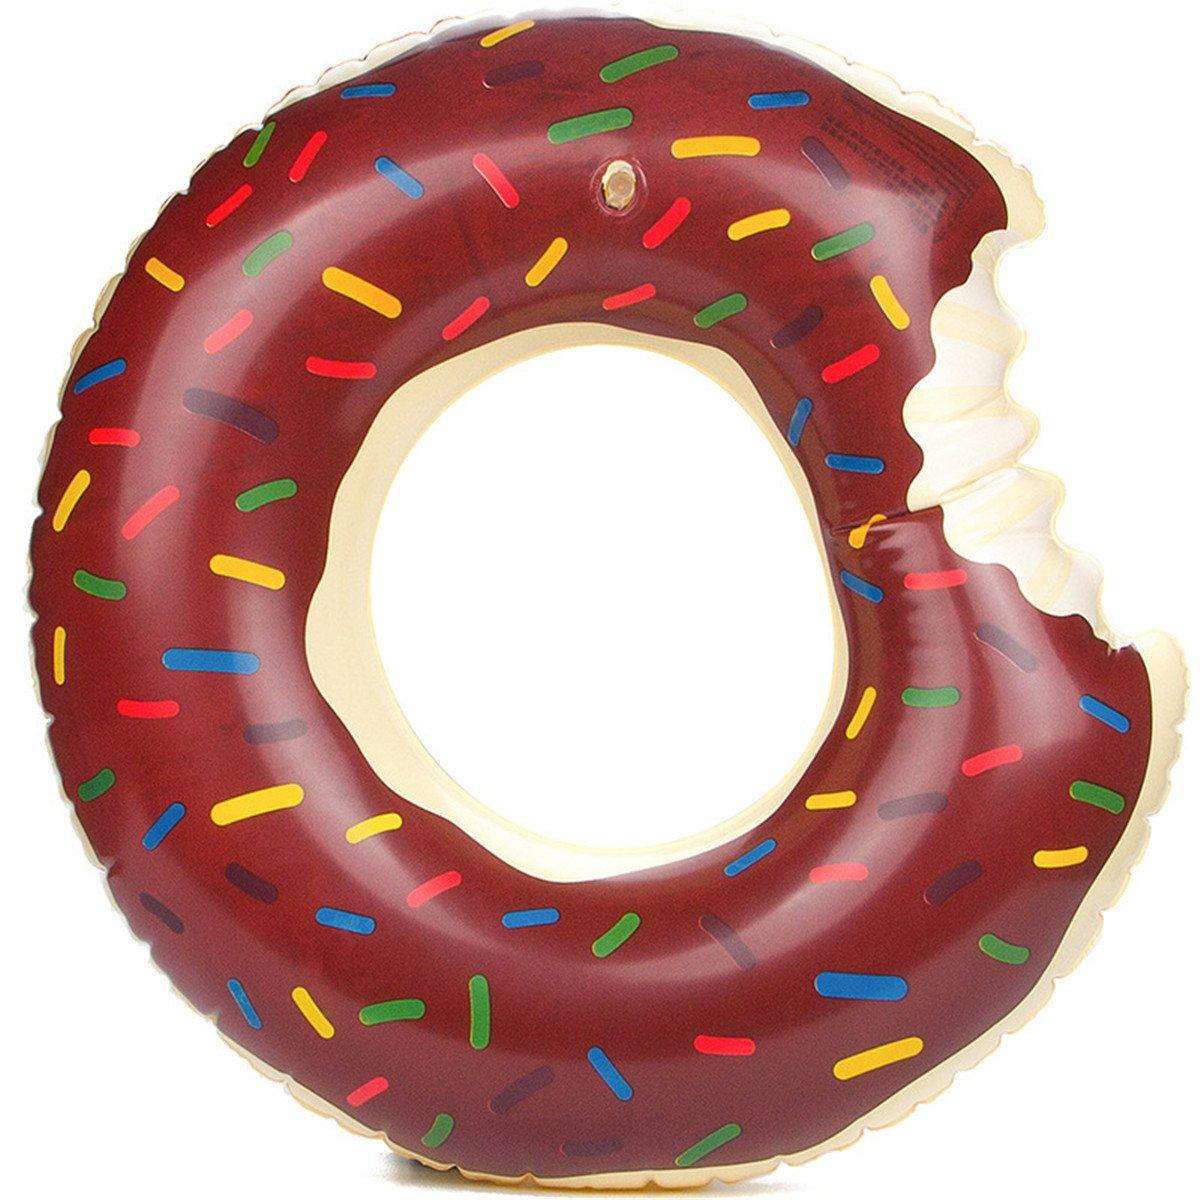 Schwimmen Ring Sommer Krapfen Entwurfs Art Schwimmen Ringe 60 ~ 120cm Grö ß e Wasser-Pool-Spaß -Schwimmer-Spielwaren Aufblasbares fü r Erwachsene und Kinder Aufblasbares Schwimmen-Ring-Strand oder Pool-Schwimmen-Spielzeug (60cm, Pink)